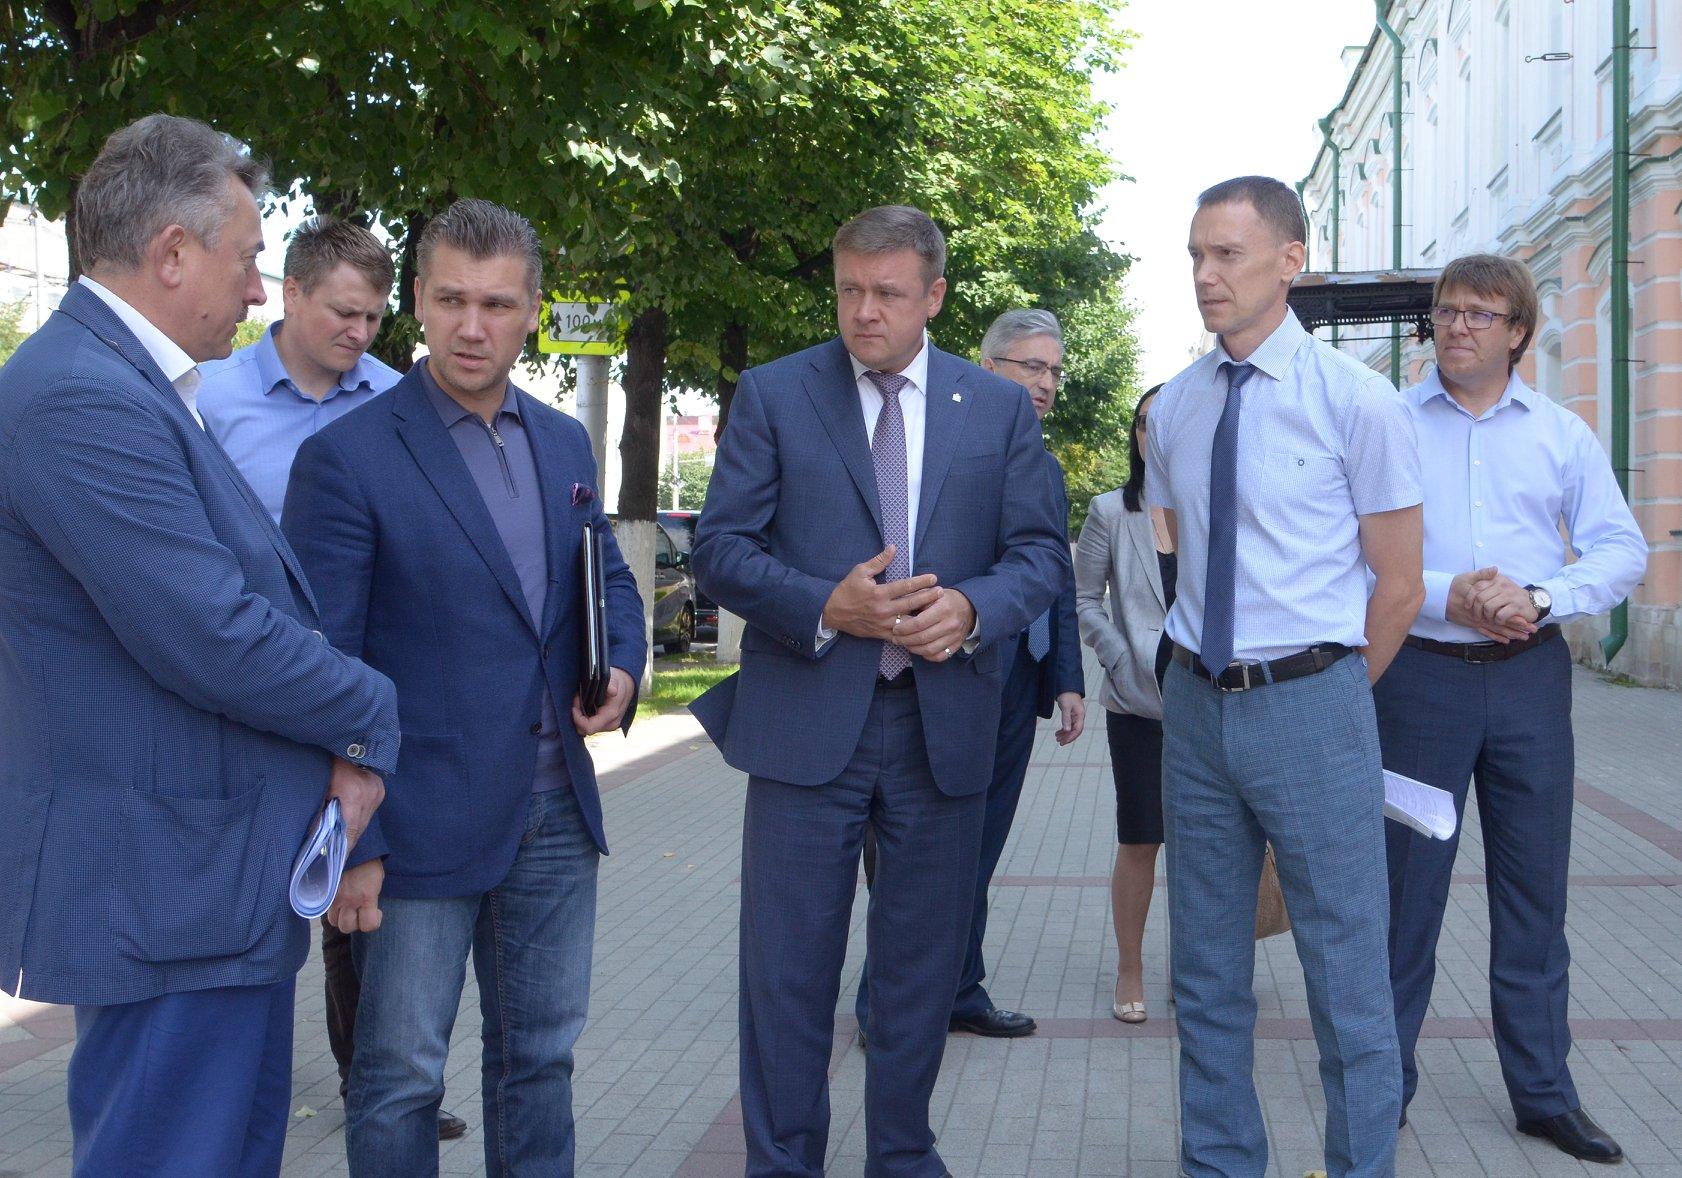 20180912_09-47-Реставрация гимназии №2 в Рязани проведена с нарушениями